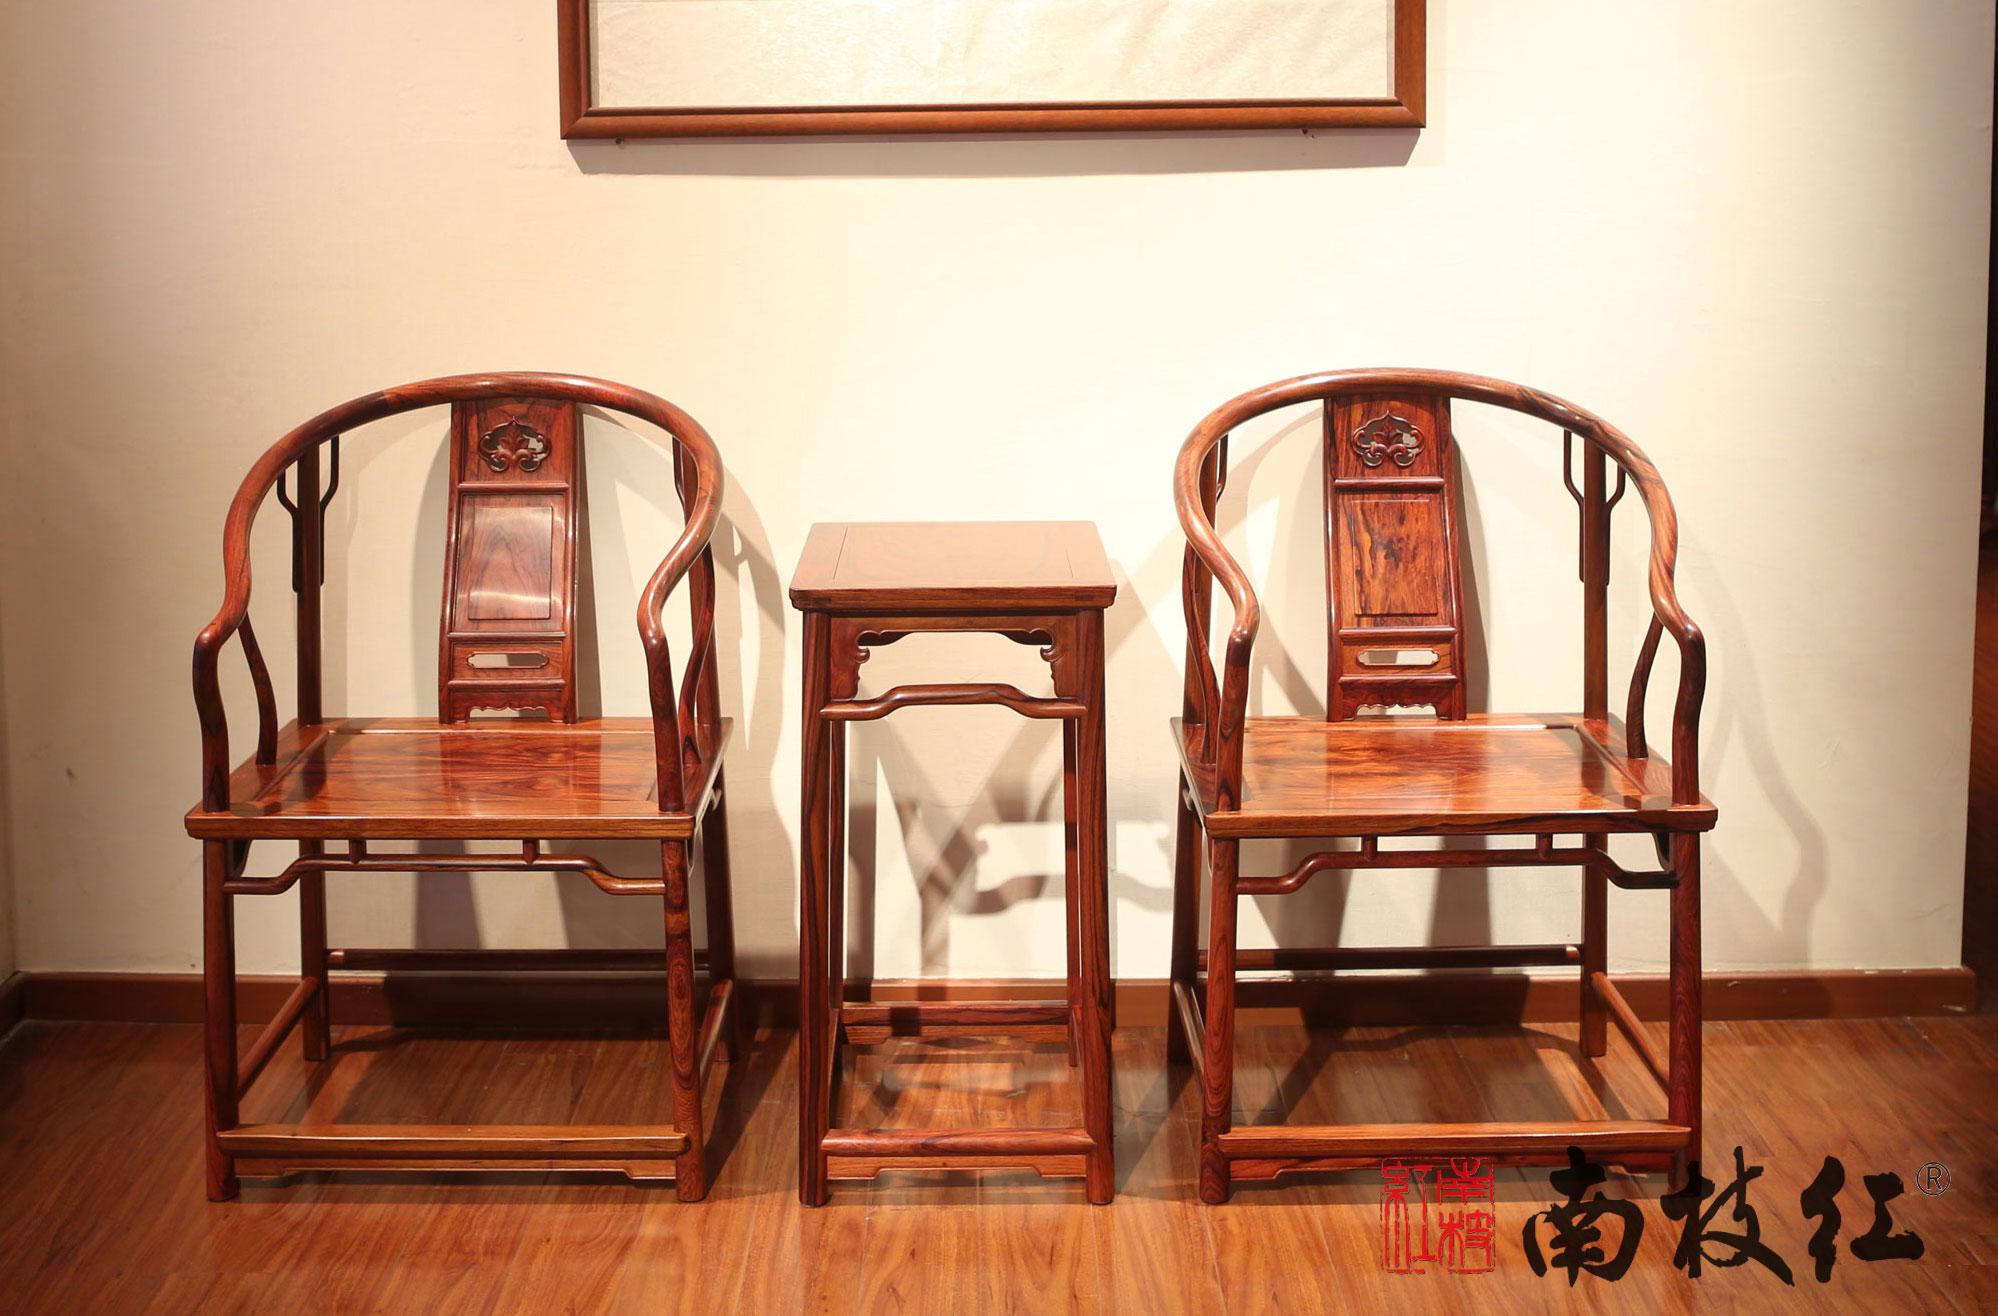 南枝红红木 白酸枝(奥氏黄檀)圈椅 高端红木圈椅 中式古典休闲椅 奥氏黄檀垂手圈椅3件套1